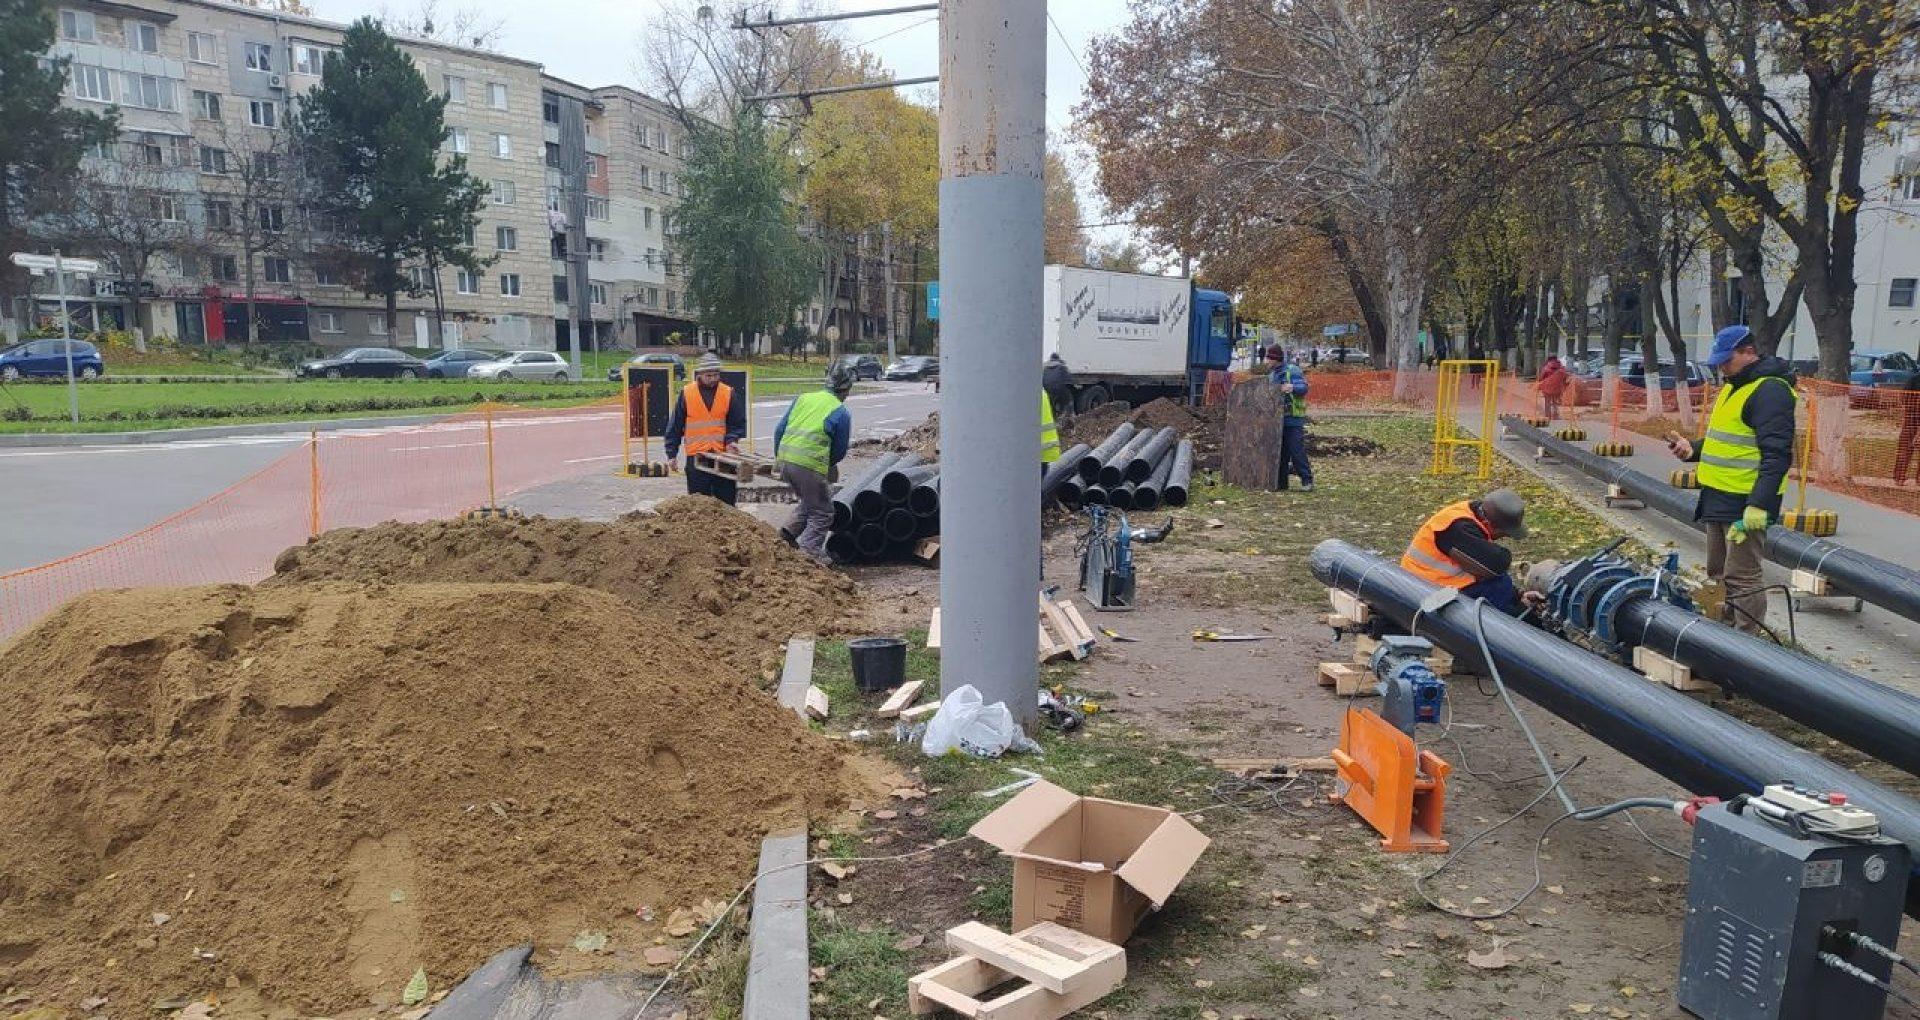 A început reabilitarea străzii Ion Creangă. În cât timp trebuie efectuate lucrările de circa 70 milioane de lei